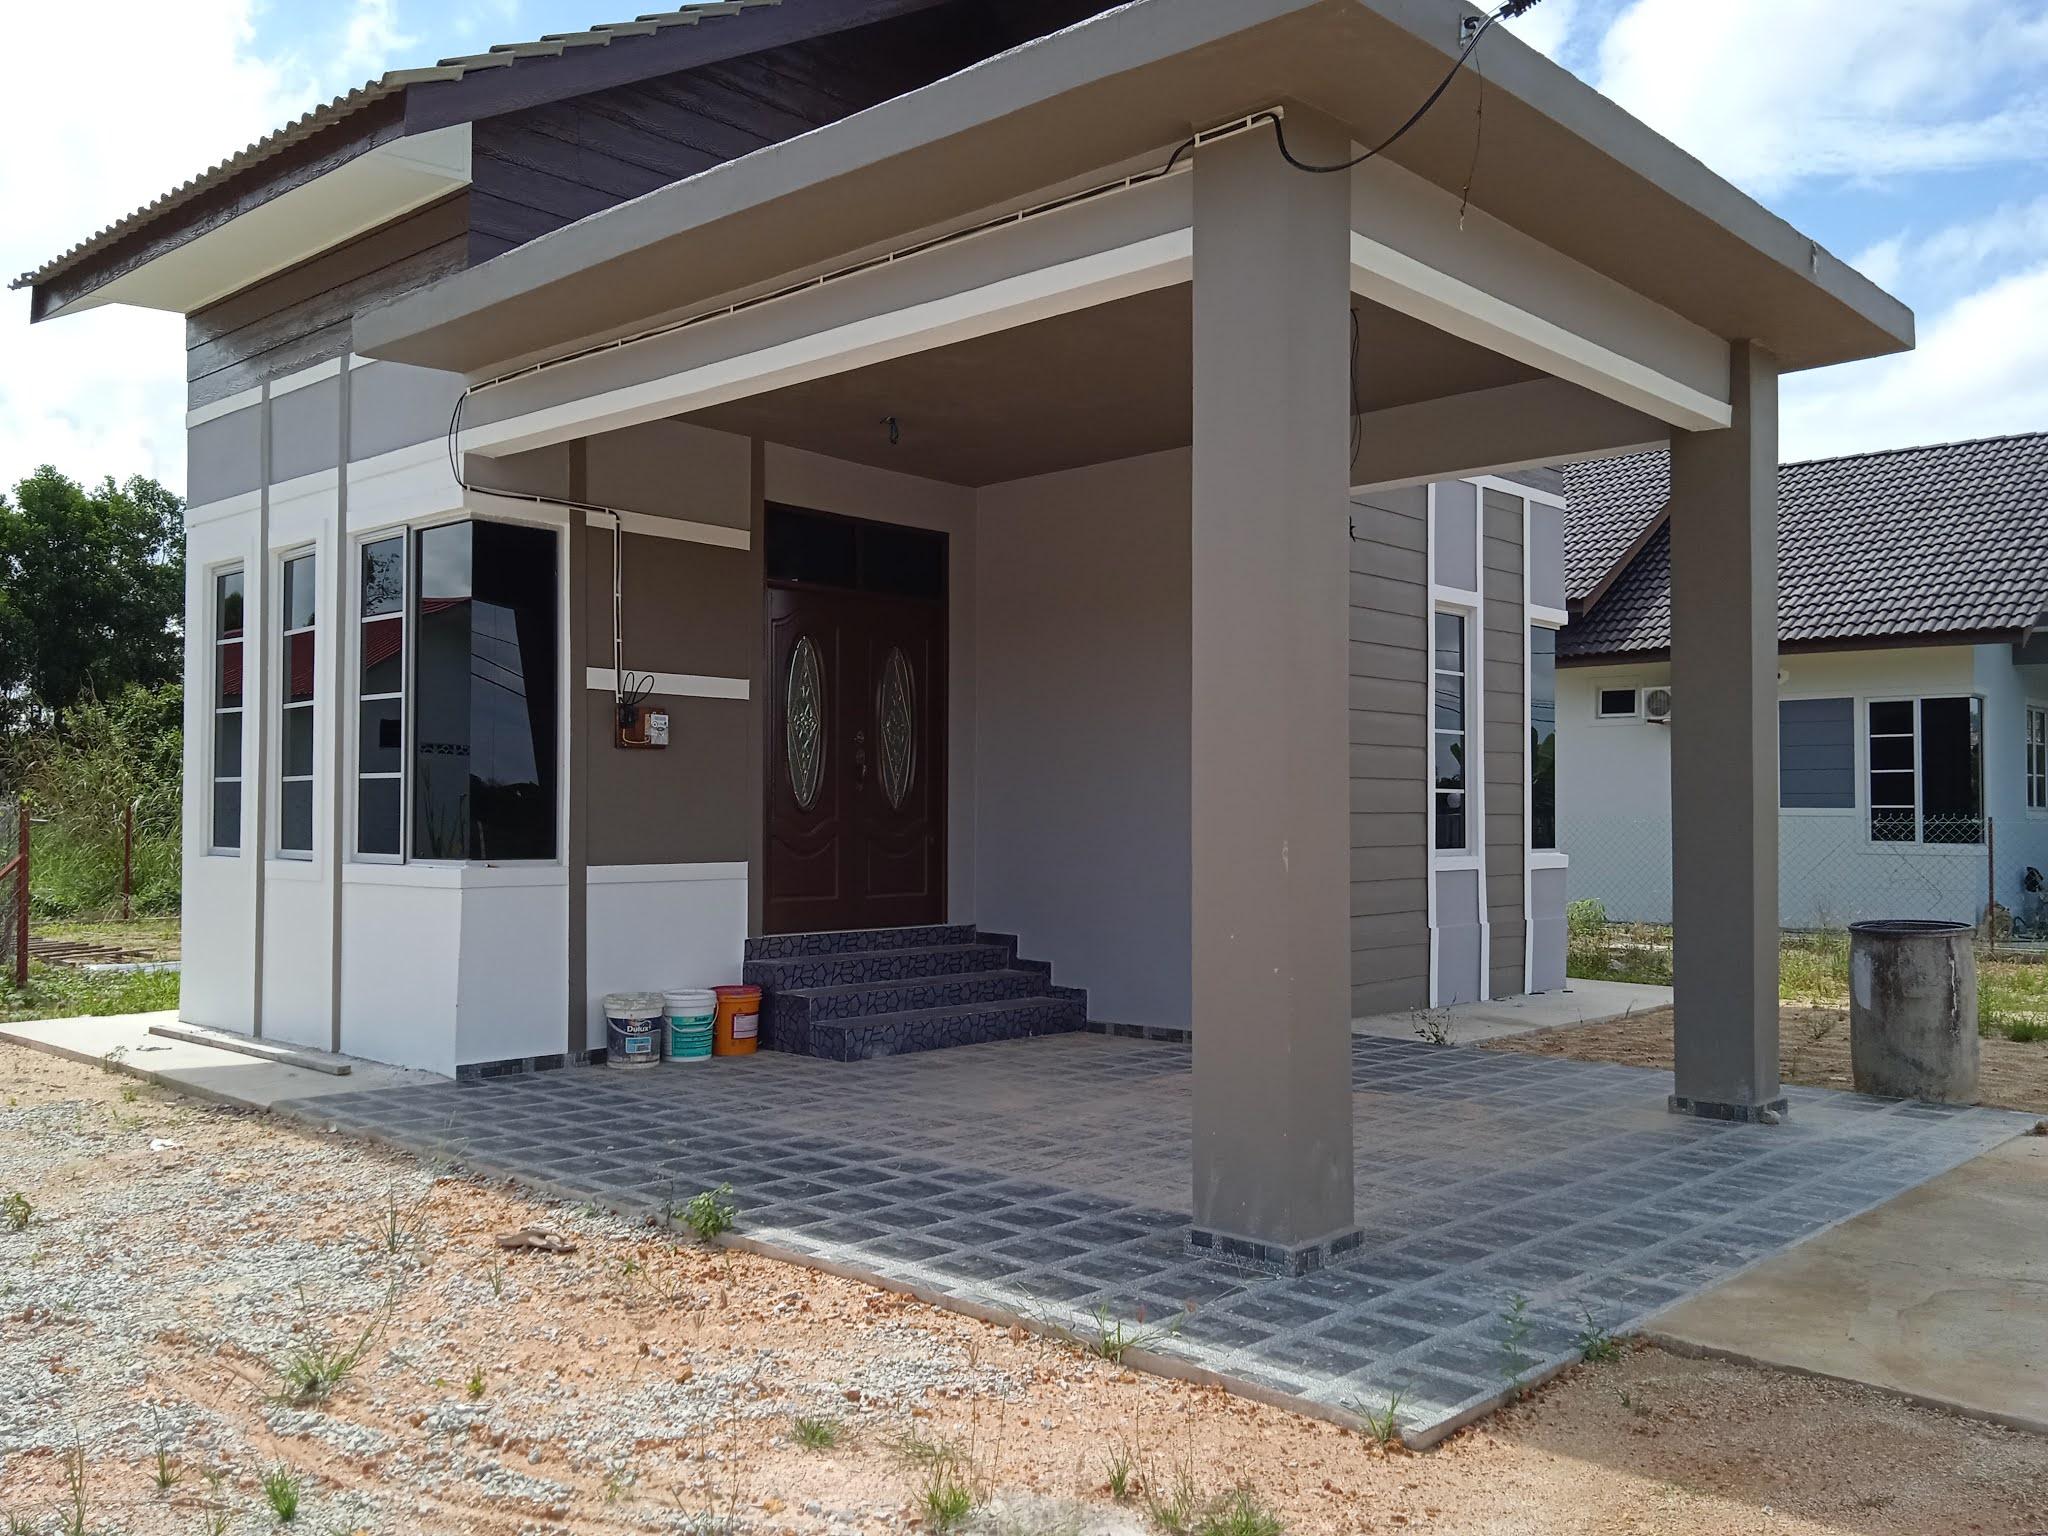 Laman UtamaRumah di MelorRumah Banglo Di Melor (50 Meter Dari Jalan Besar) Untuk Dijual